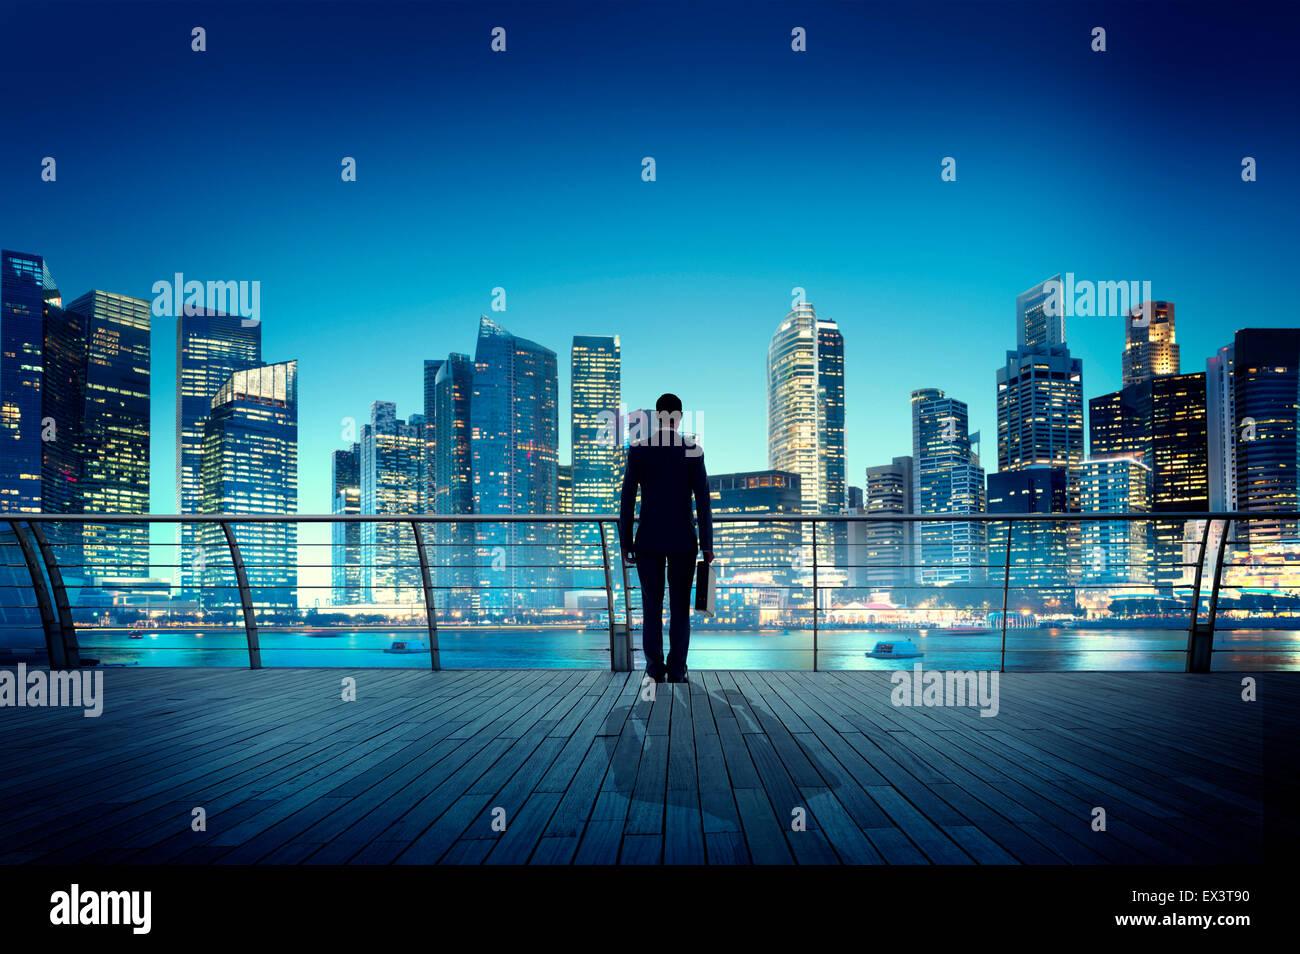 Geschäftsmann Corporate Stadtbild Szene Stadt städtebauliche Konzept Stockbild